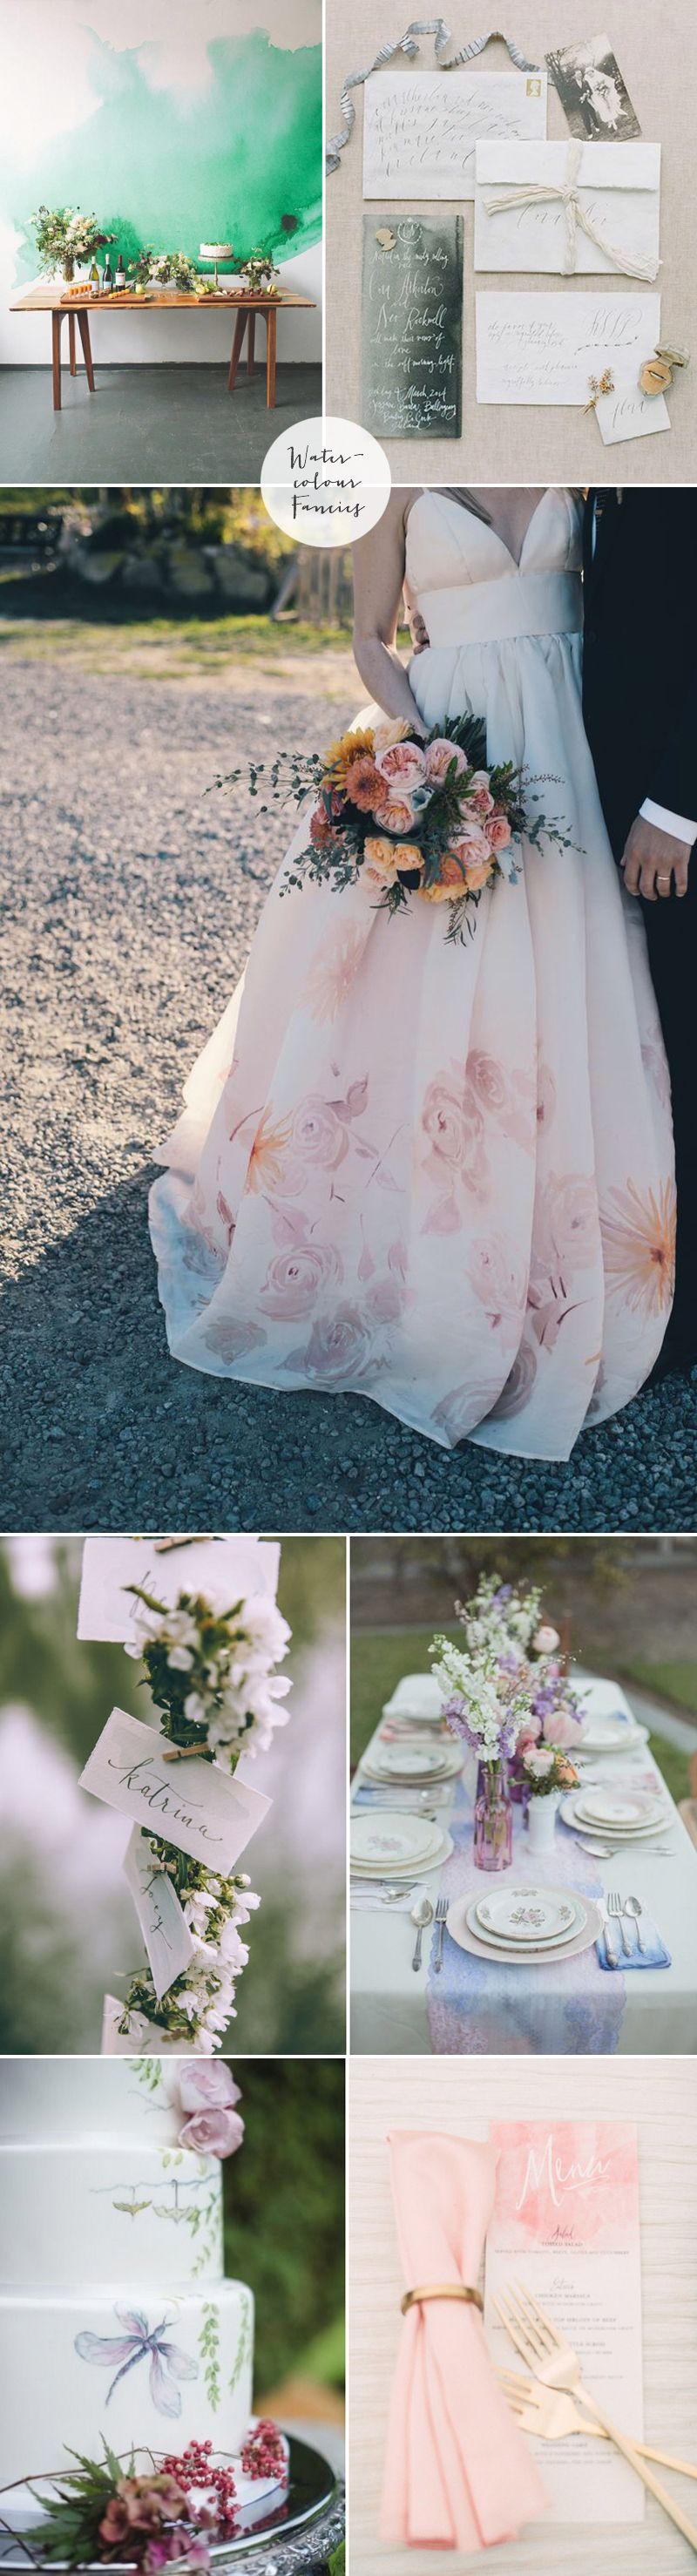 2015 Wedding Trends Coco Wedding Venues 2015 Wedding Trends Wedding Trends Wedding 2015